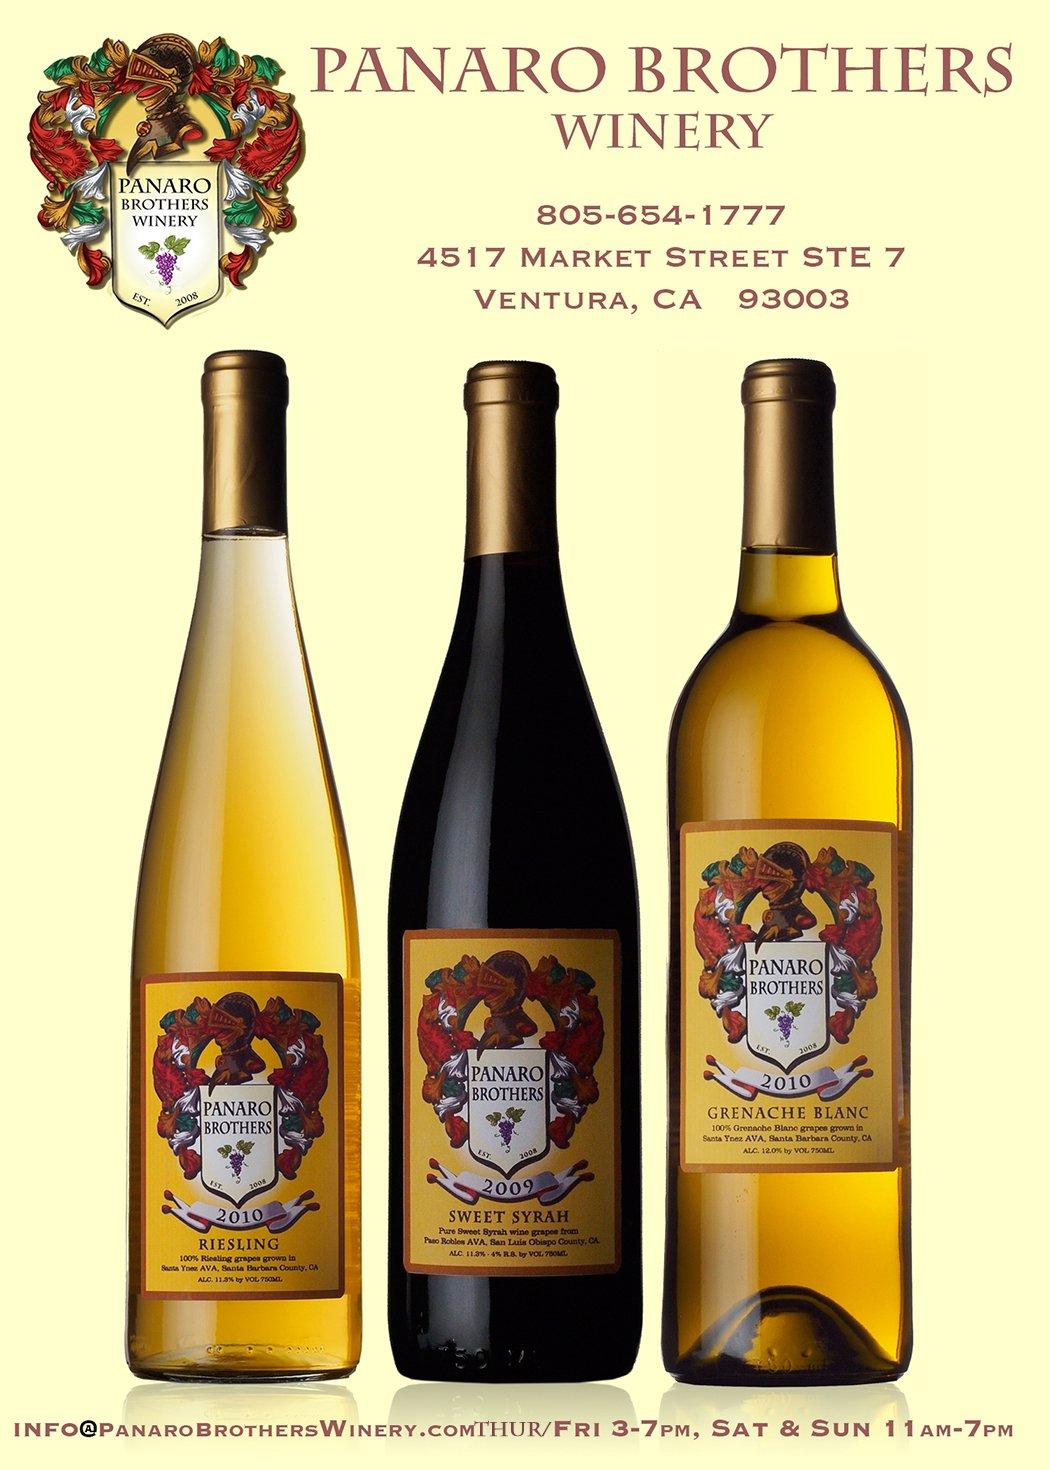 Panaro Brothers Winery